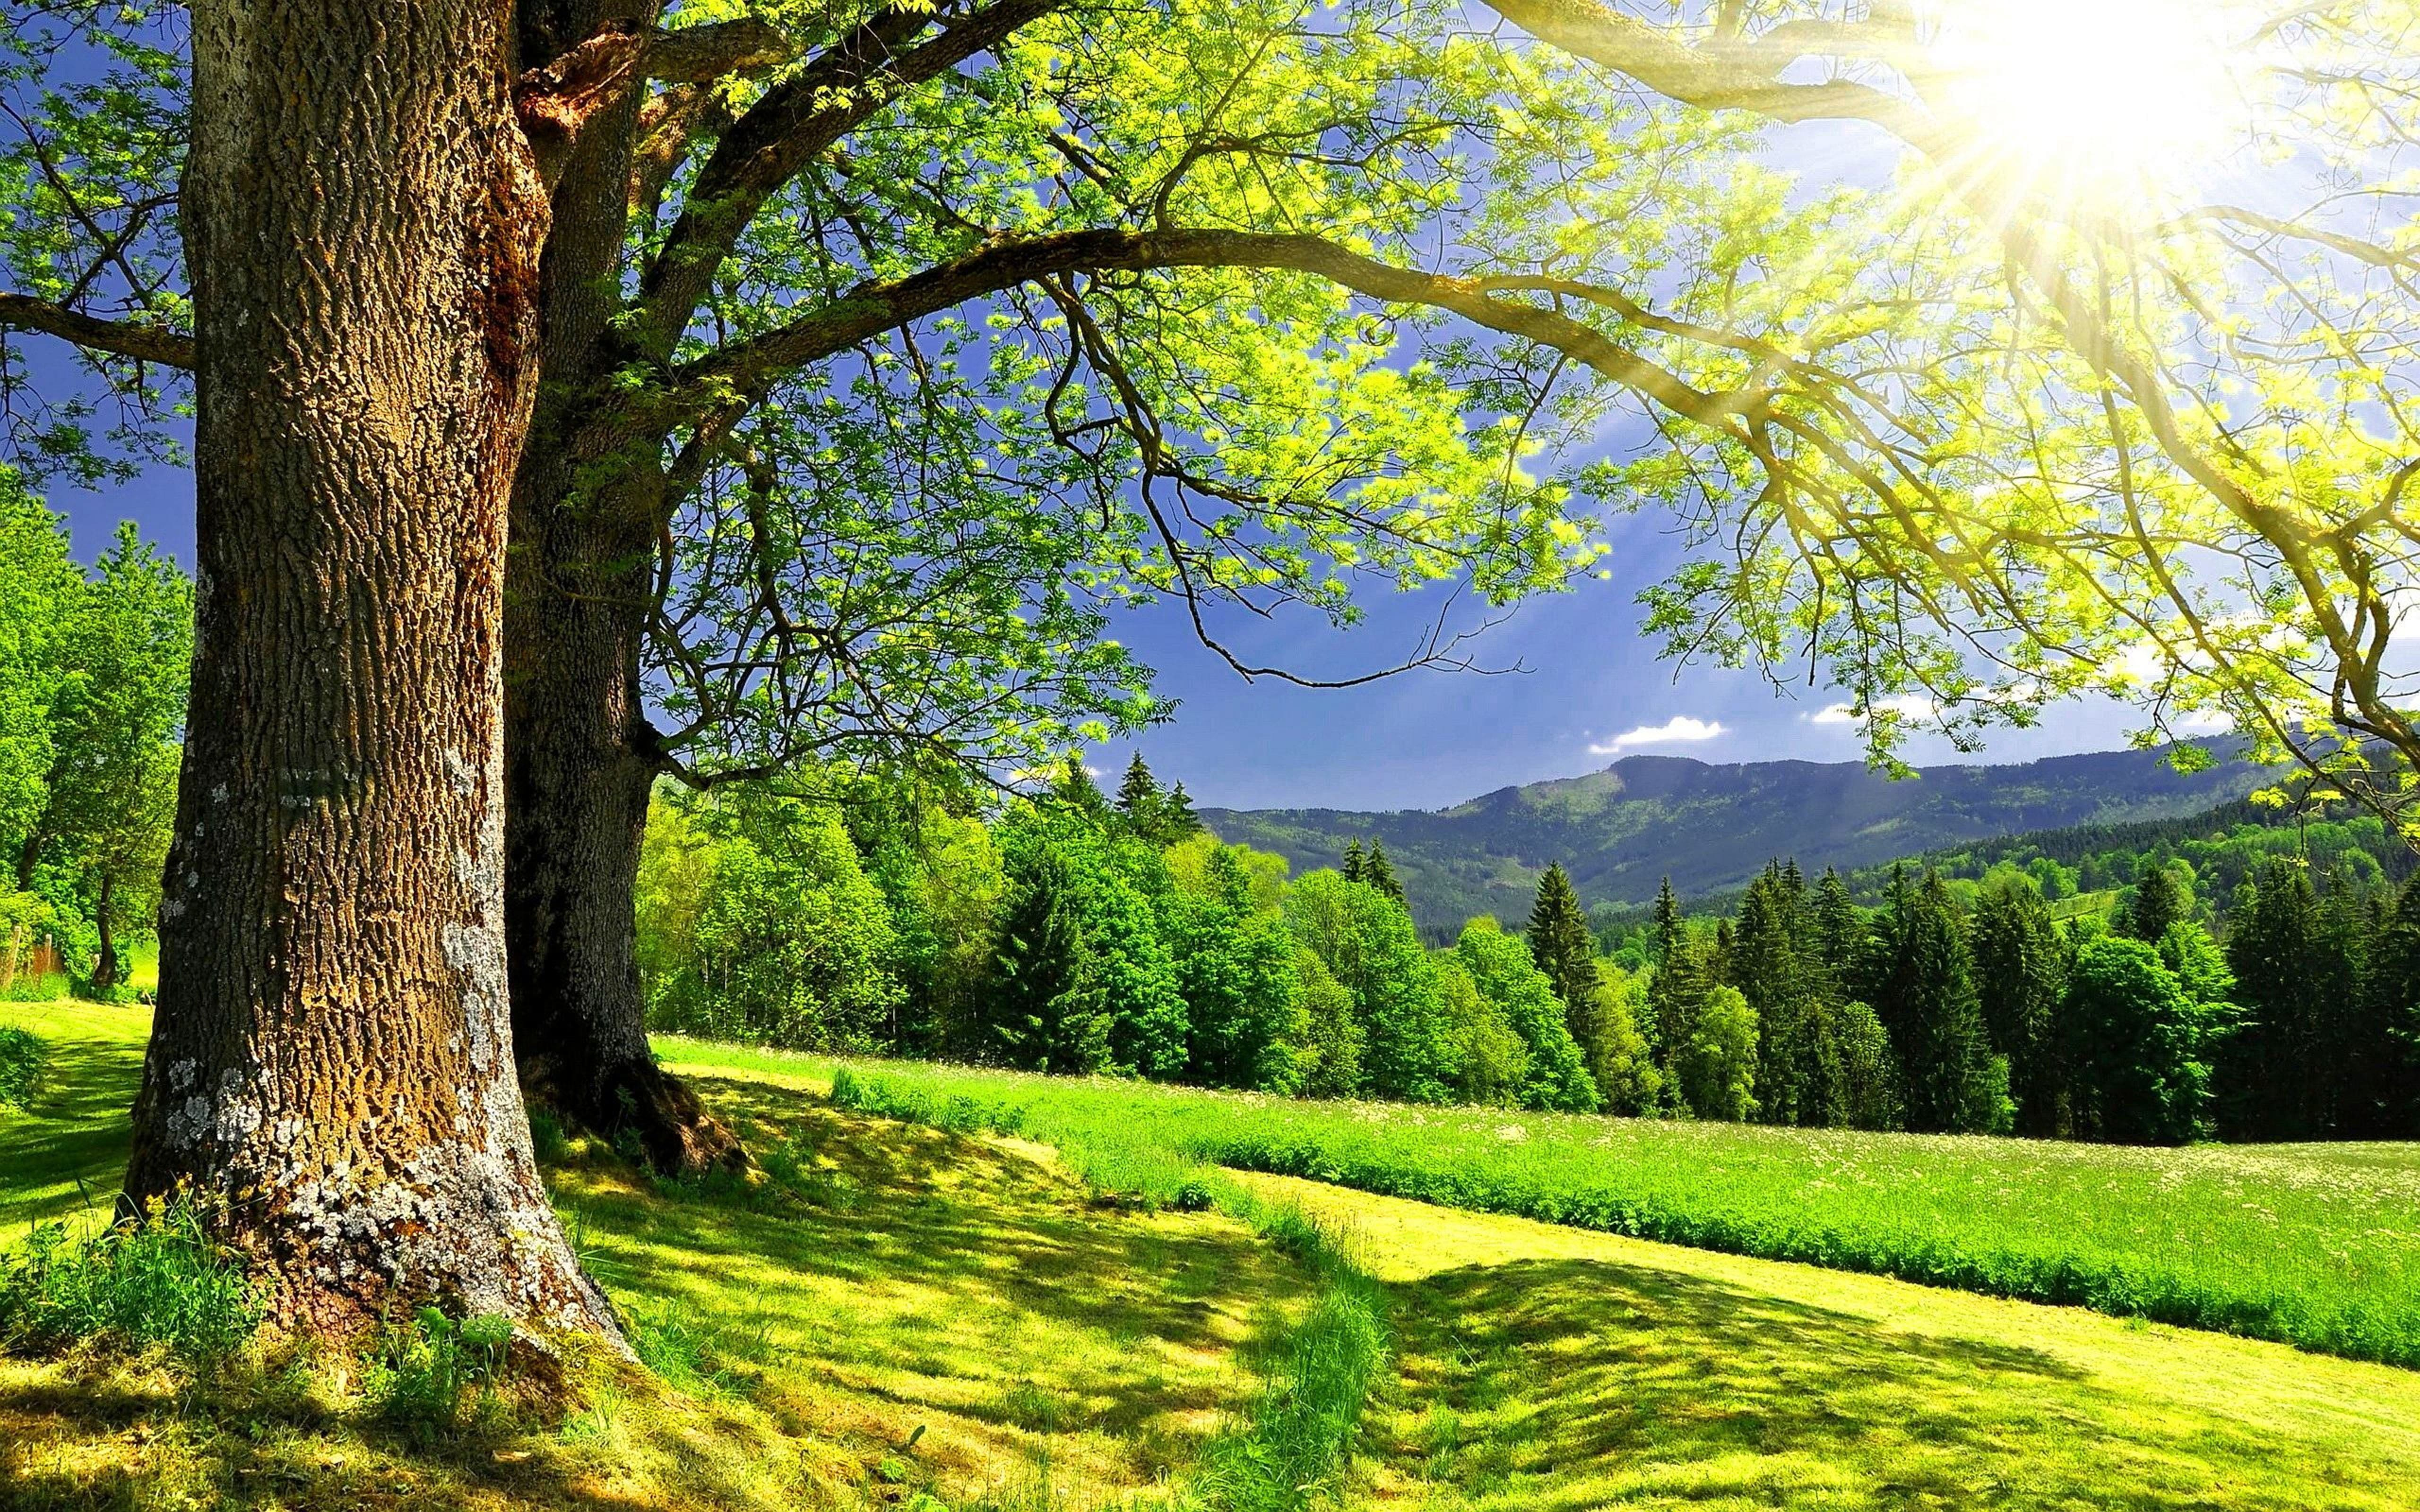 Зеленые деревья под солнцем, обои пейзажи лето, природа, 5120 на 3200 пикселей